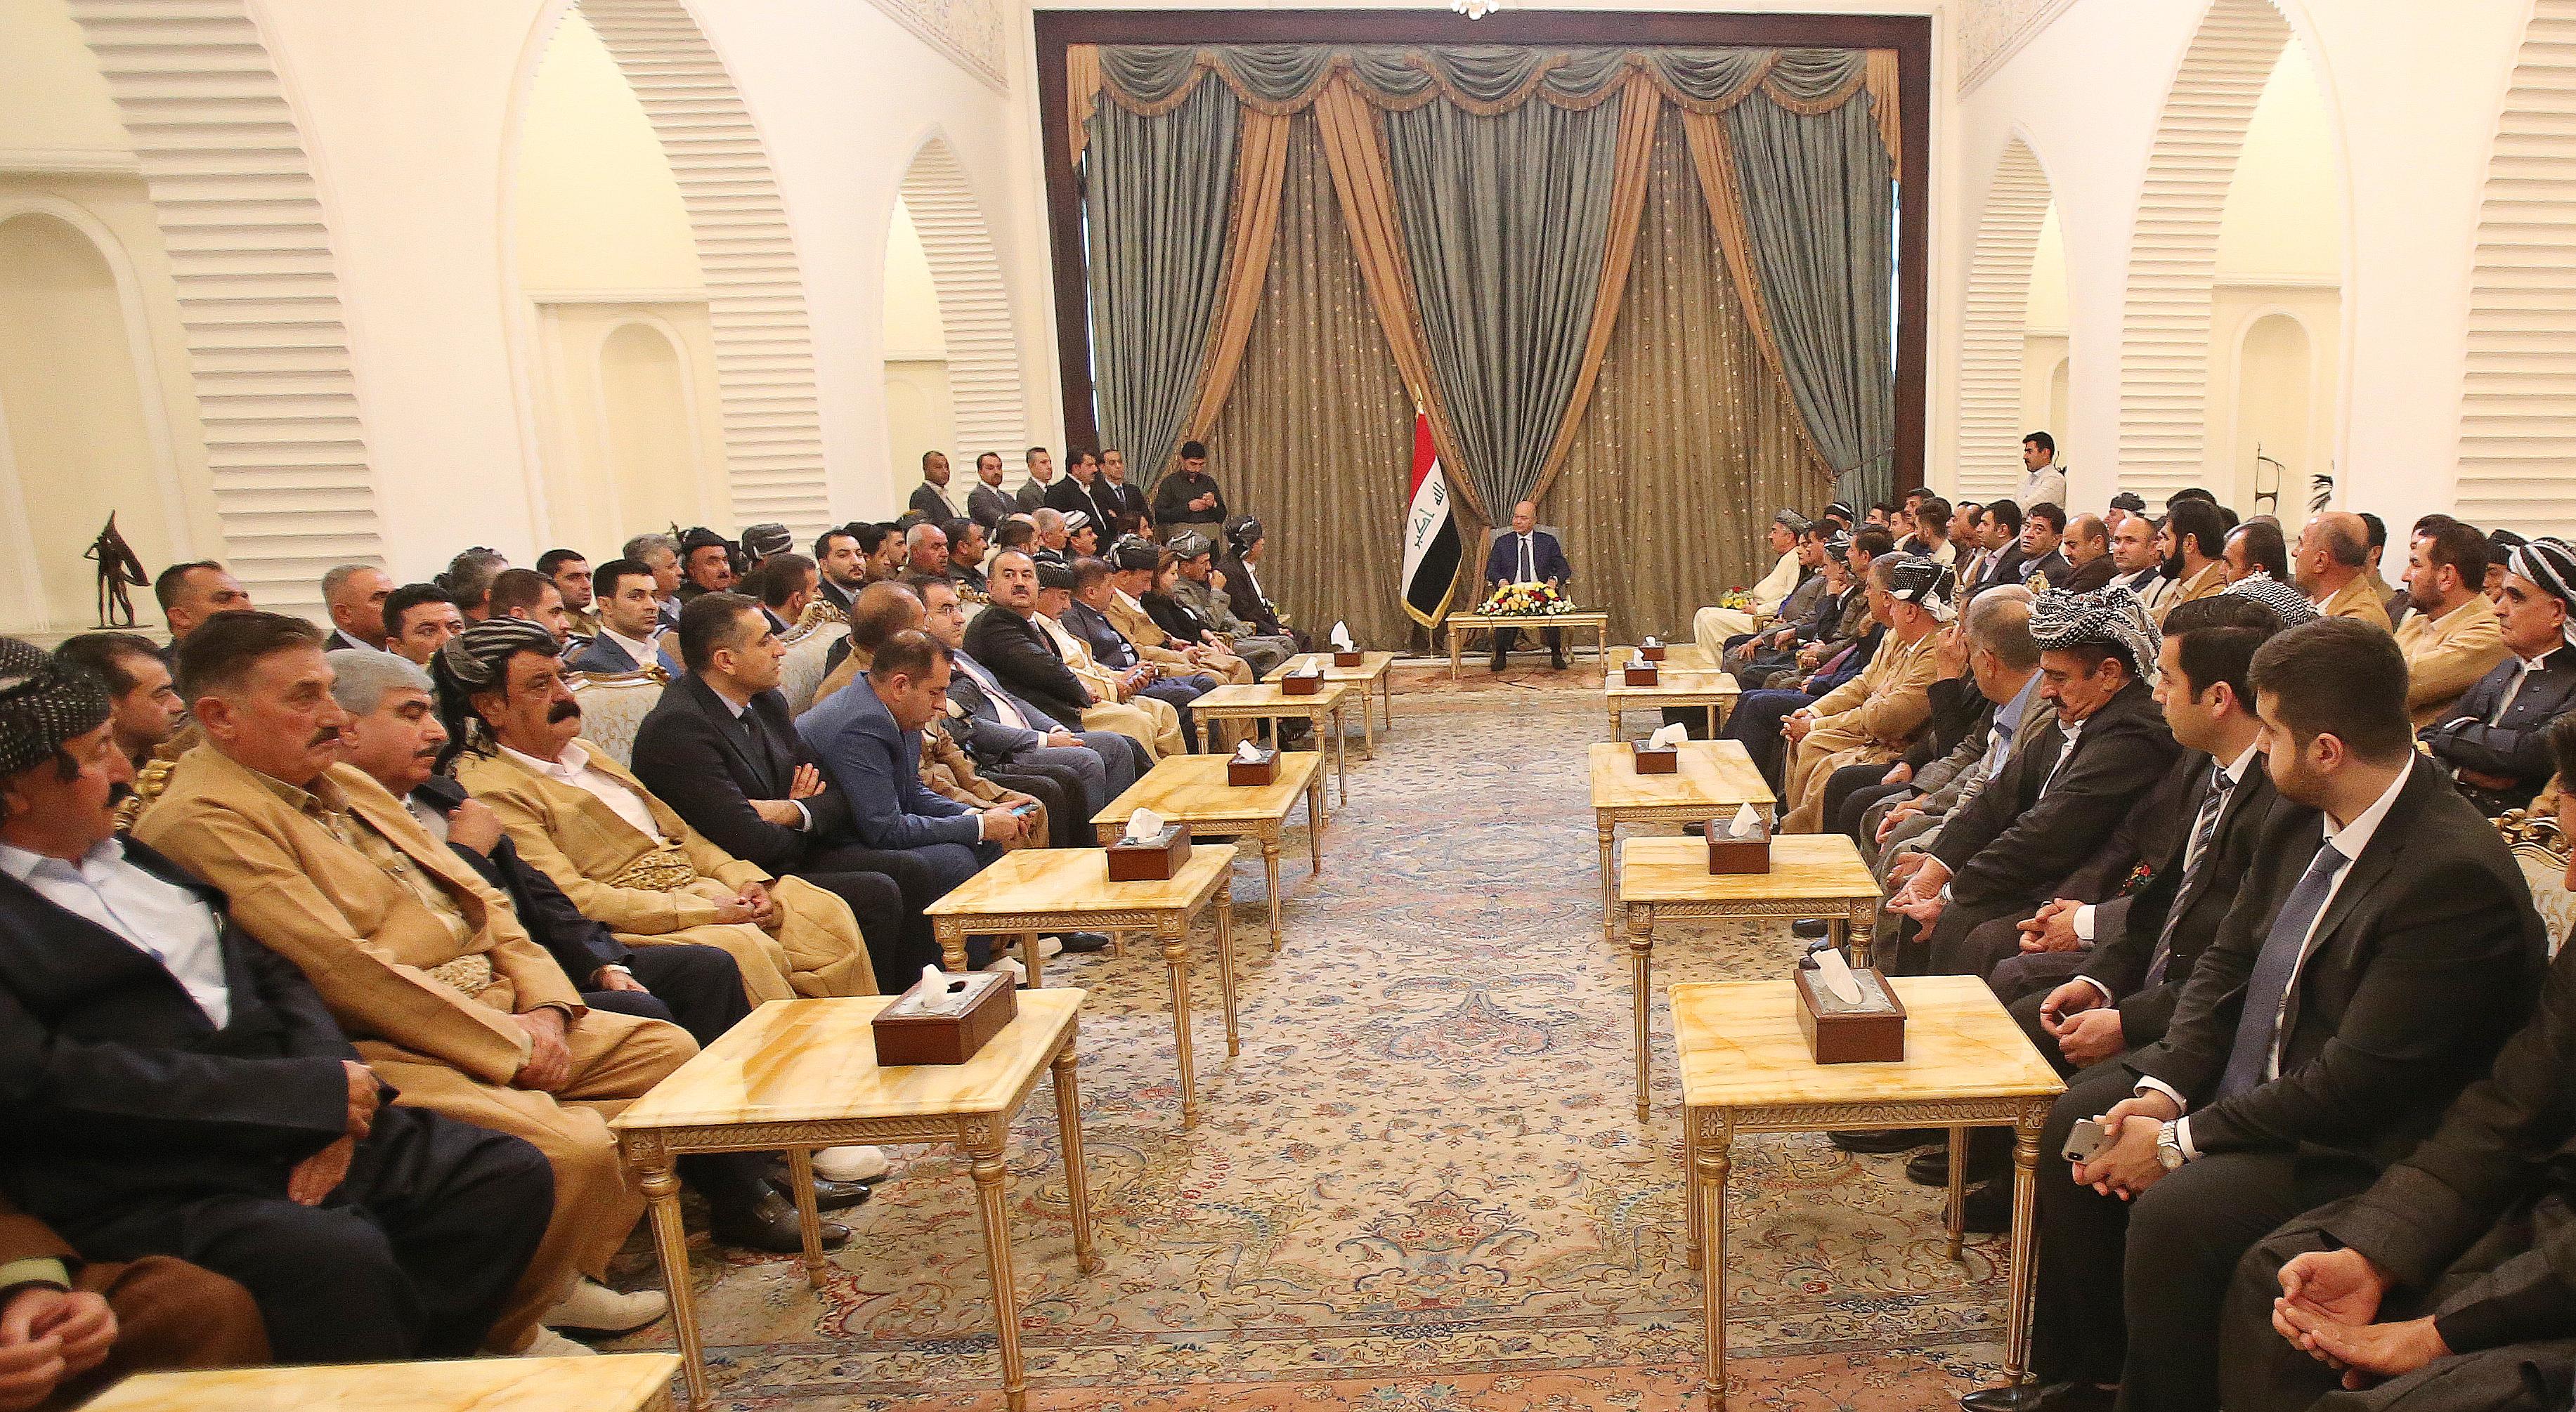 صالح :خدمة المواطن تحتاج إلى حكومة قوية